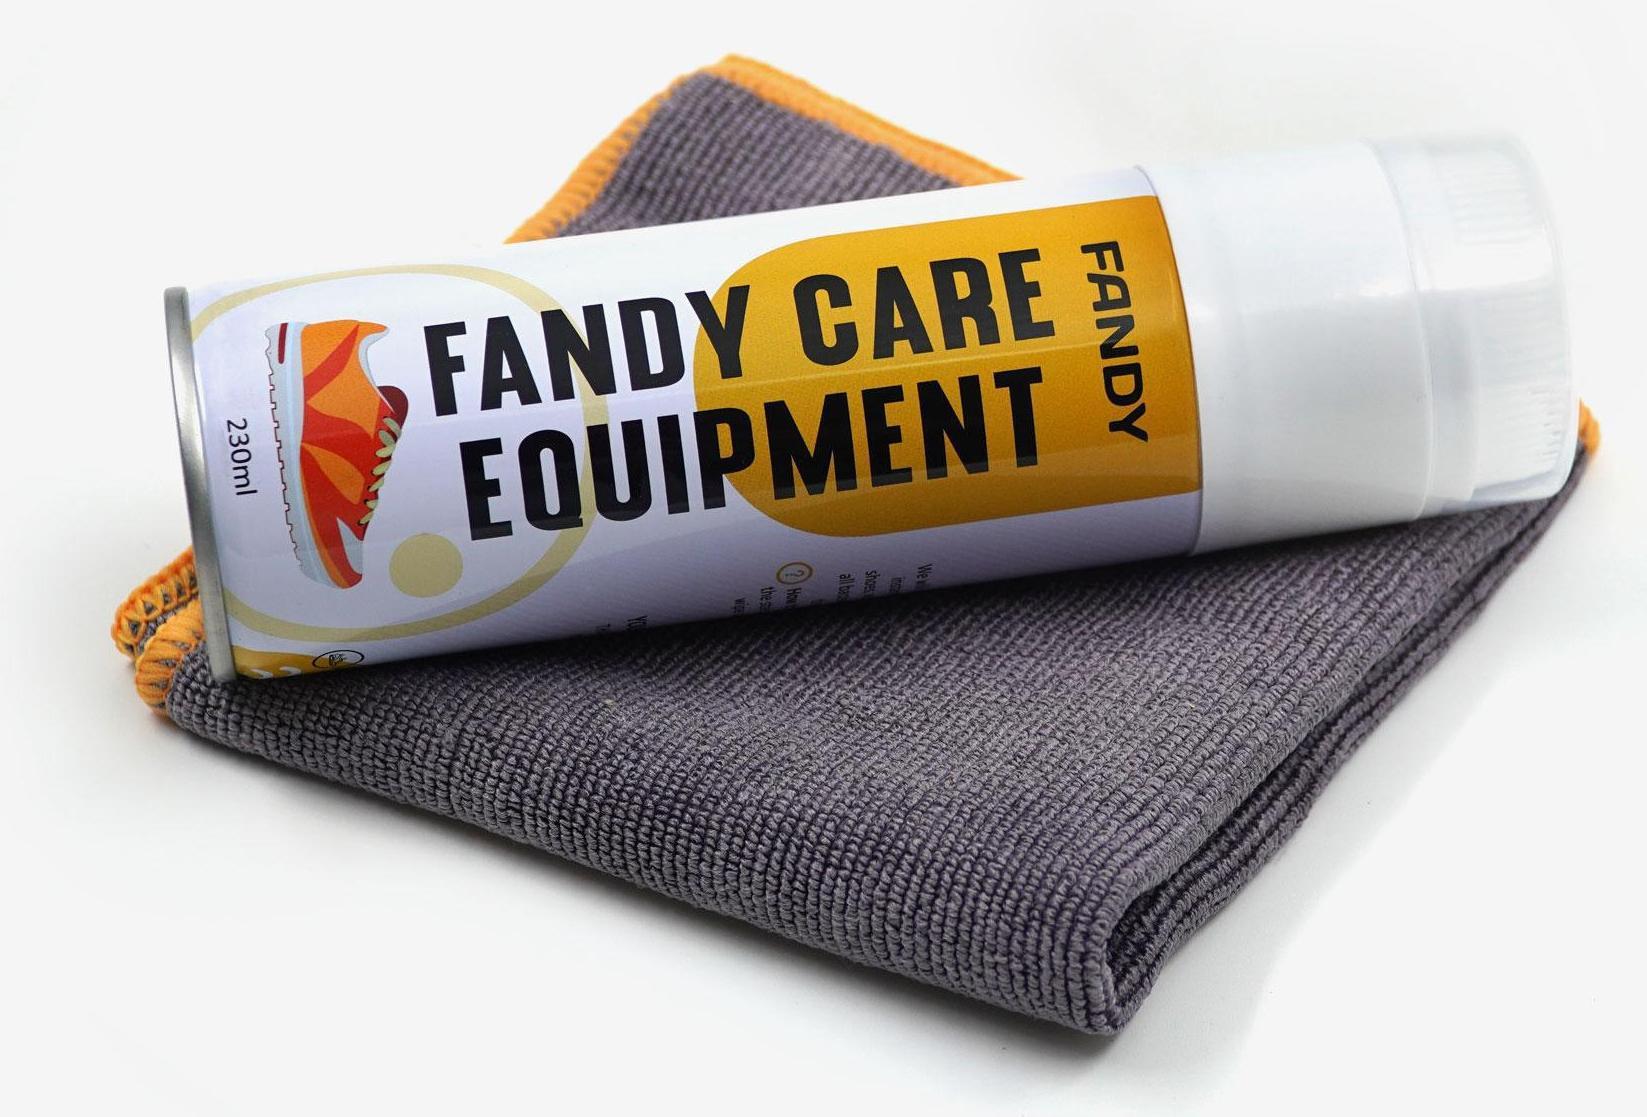 Chai xịt bọt vệ sinh giày dép fandy care equipment